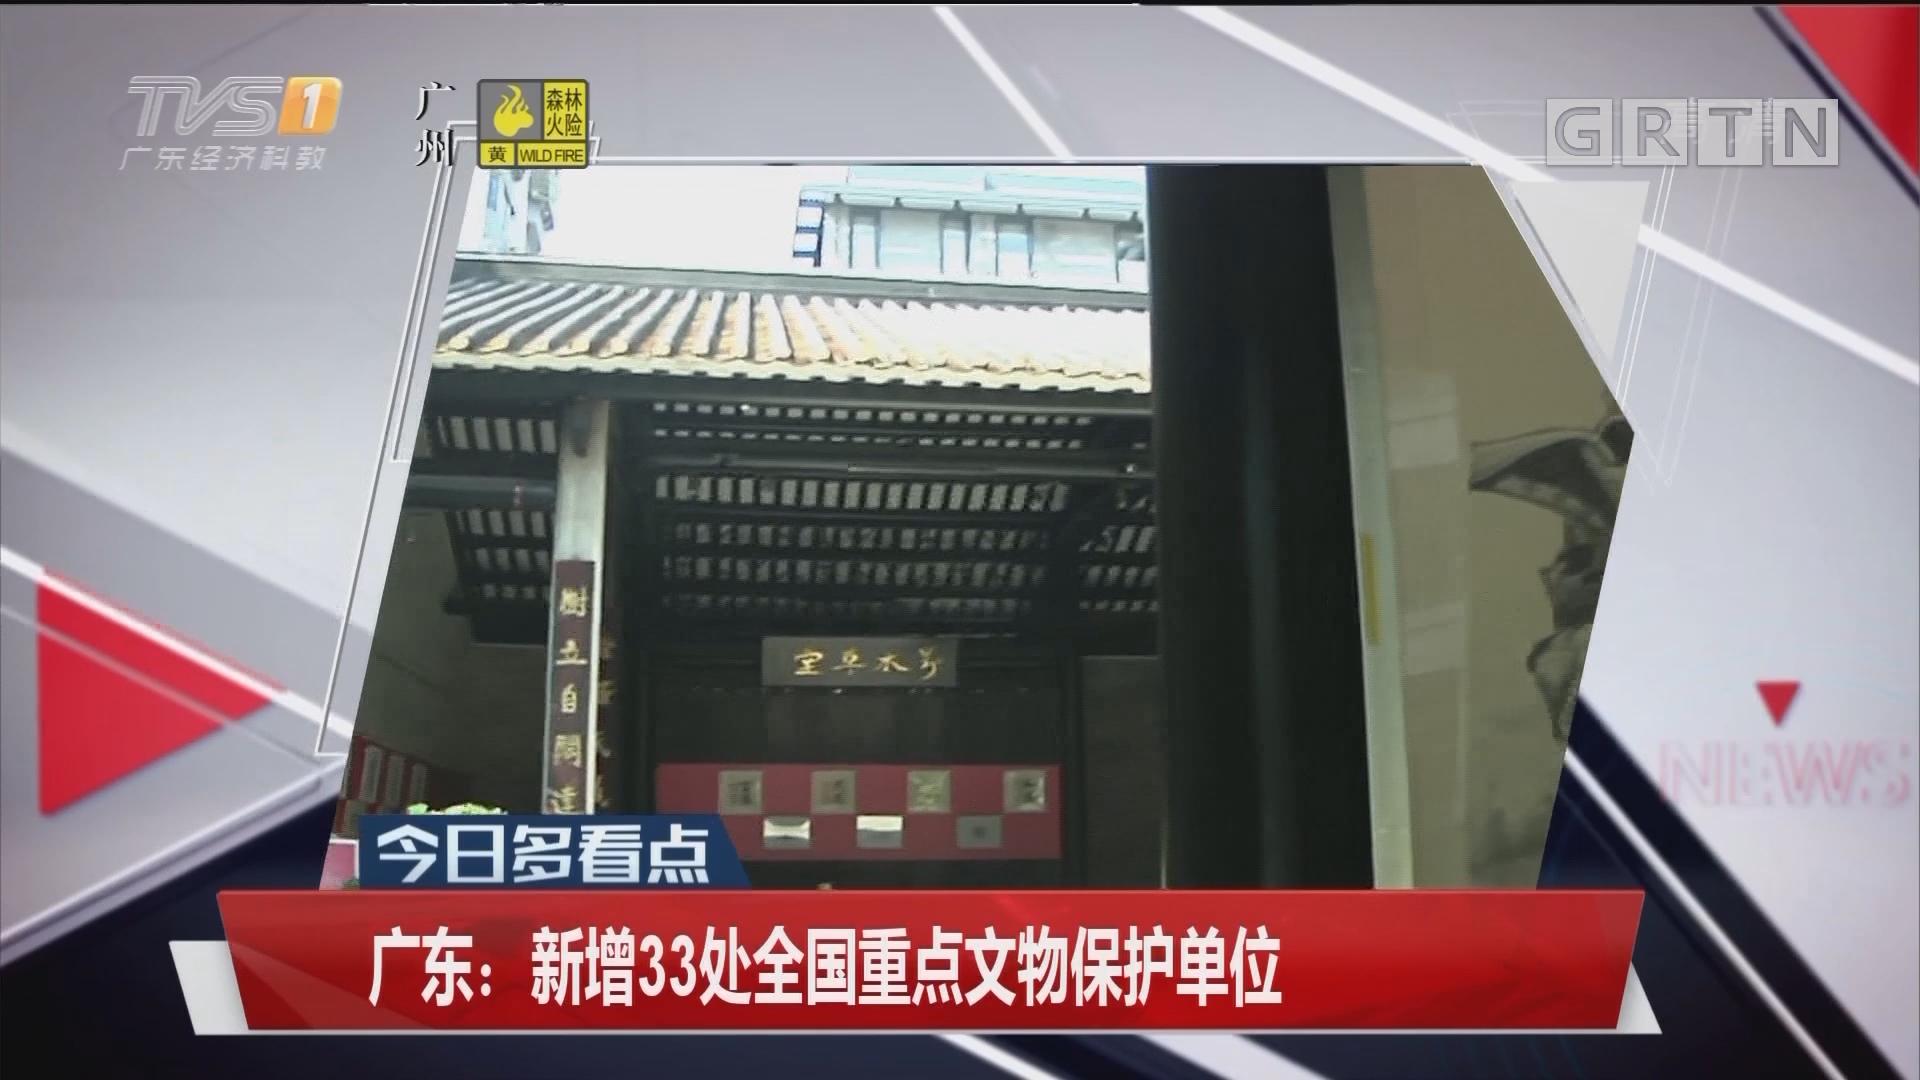 广东:新增33处全国重点文物保护单位